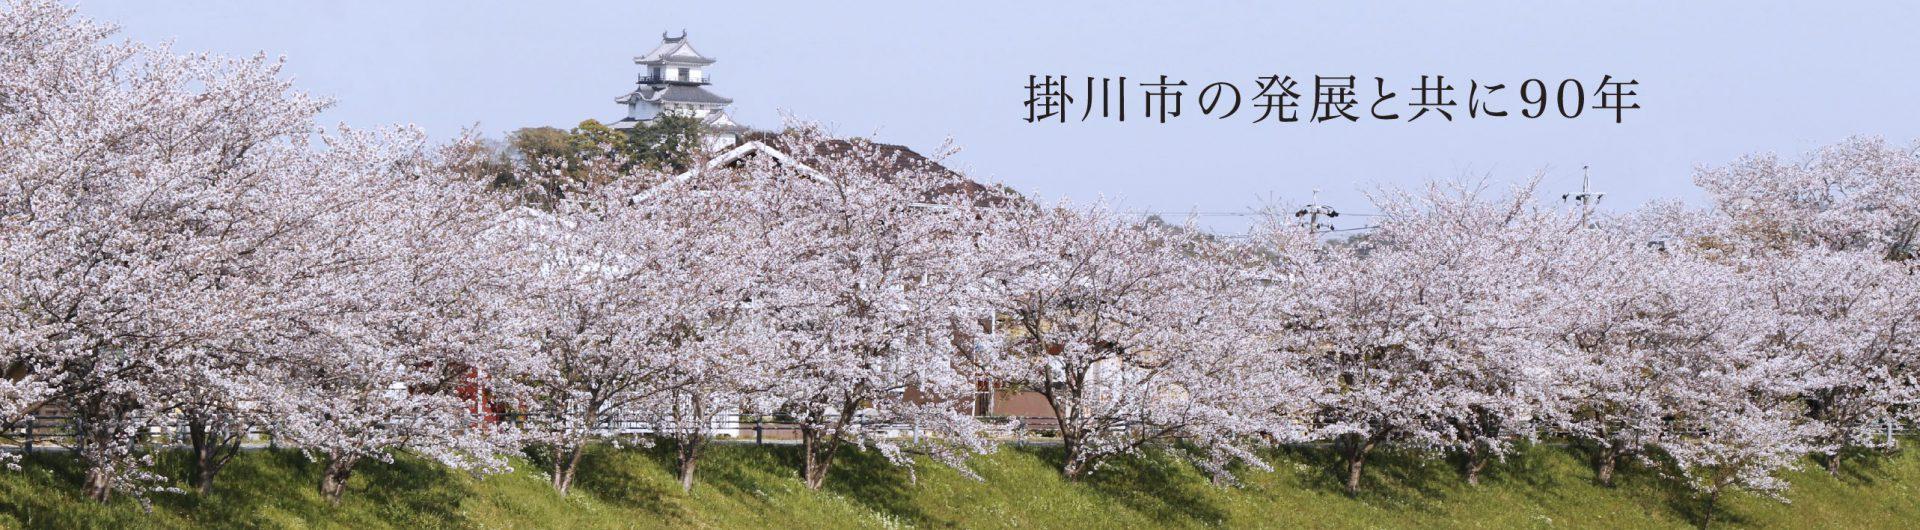 掛川市の発展と共に90年